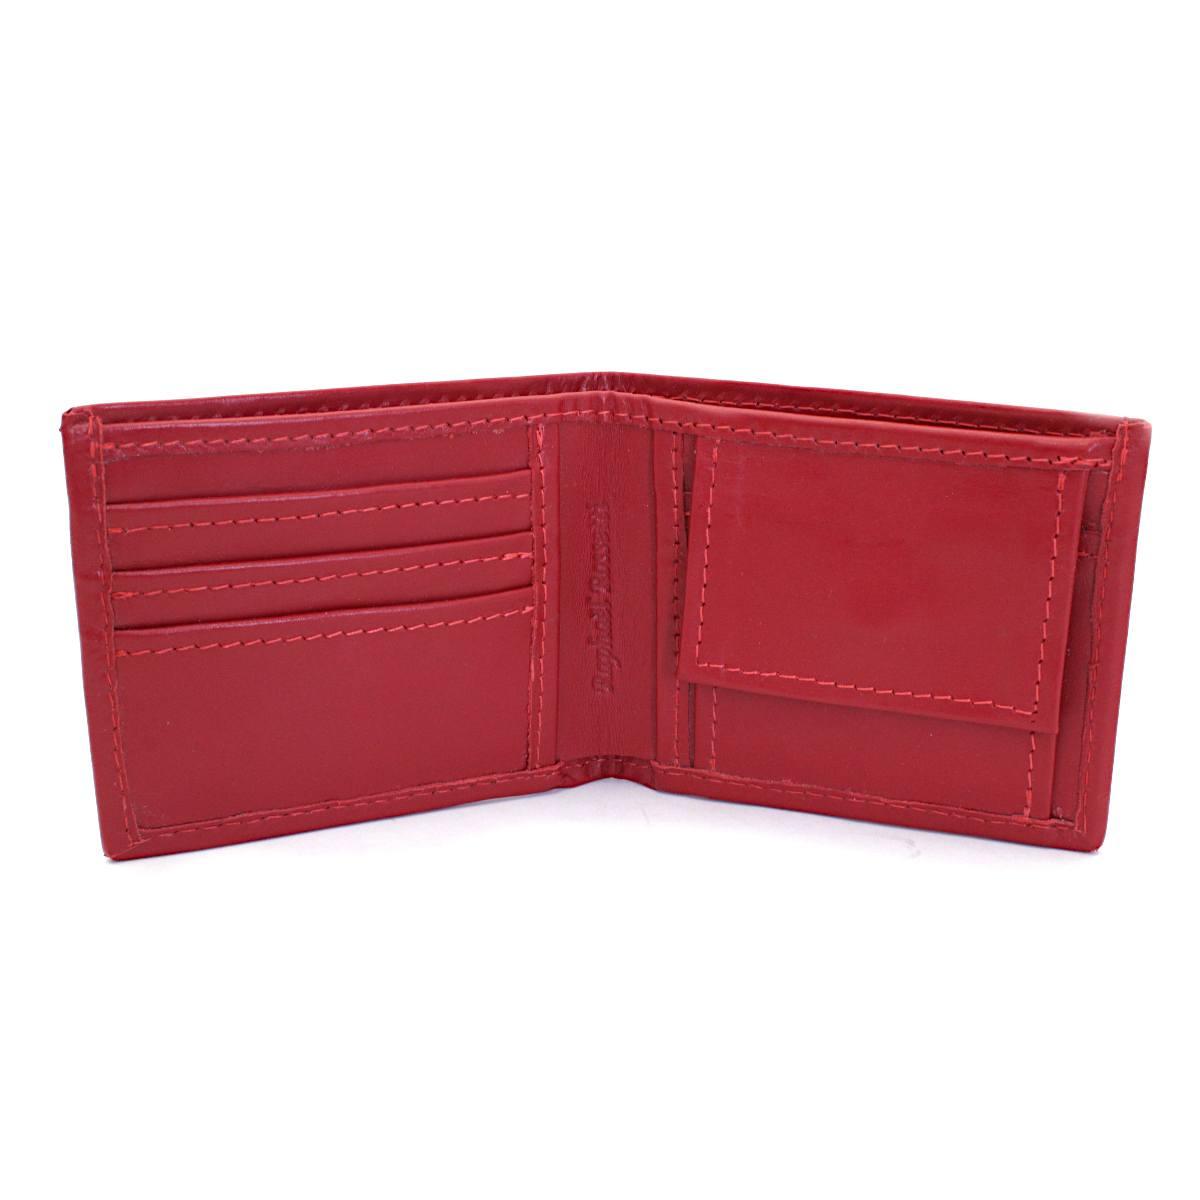 естествена кожа мъжки портфейл червен - вътре